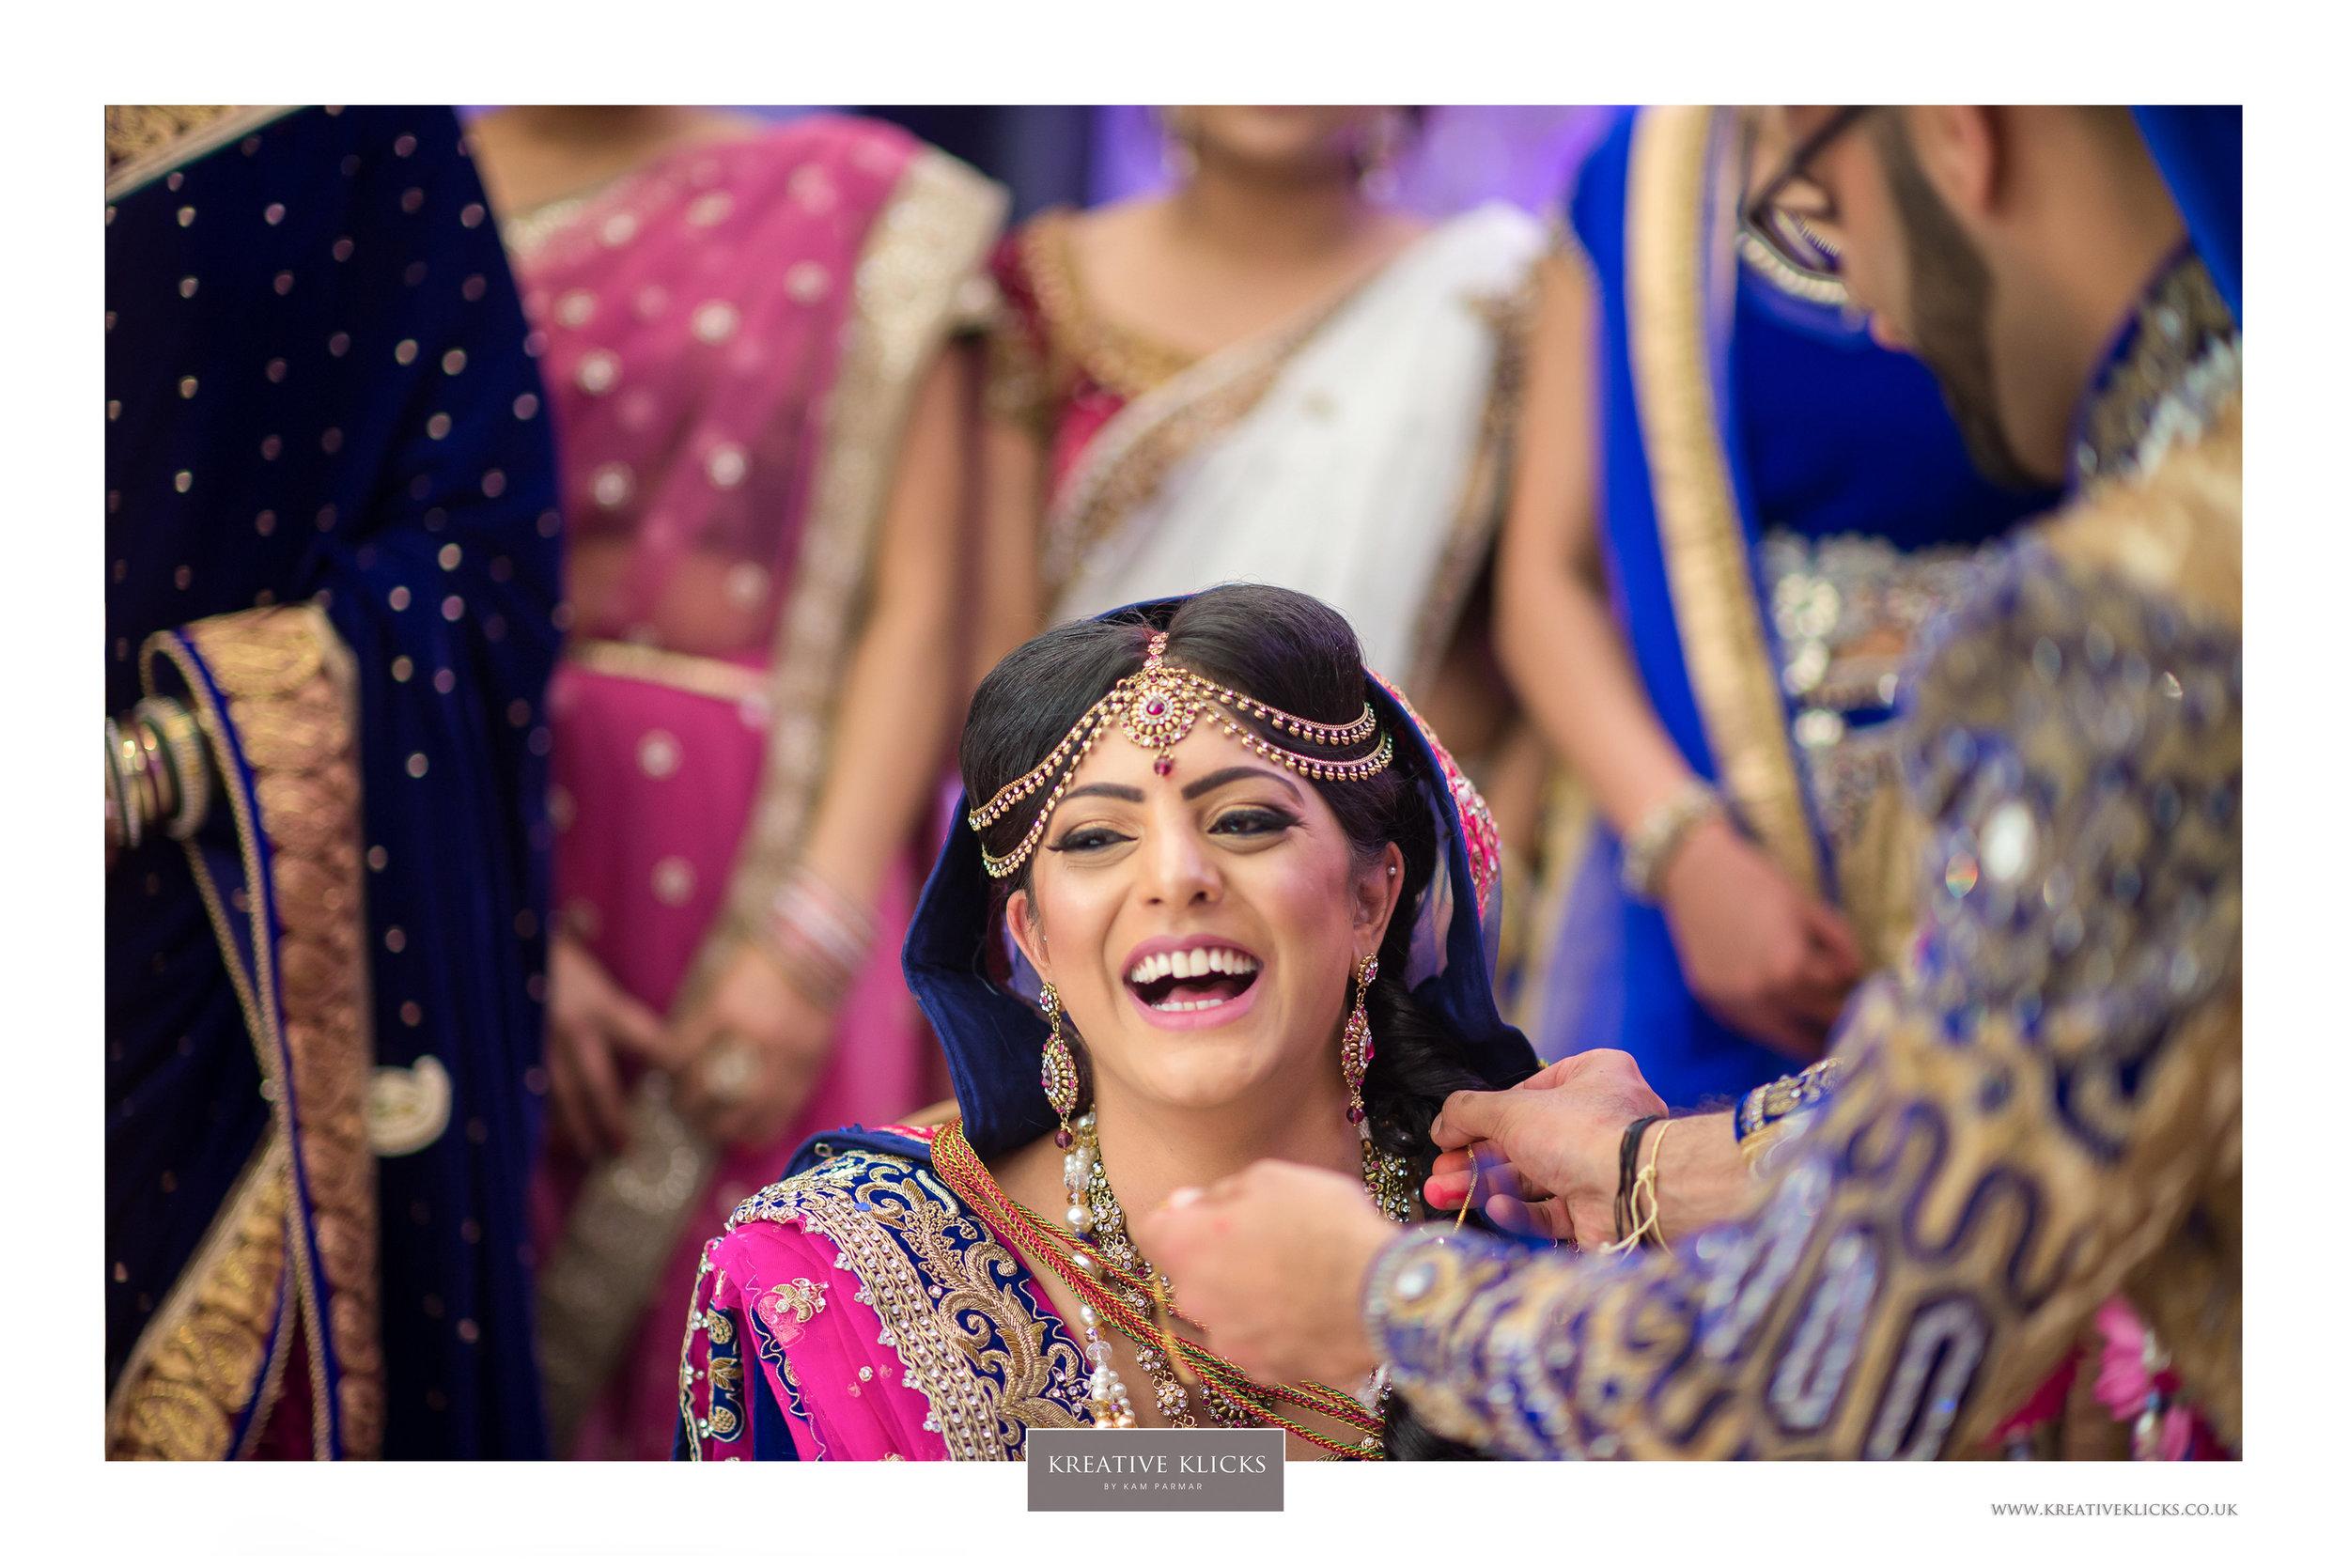 H&M_Hindu-977 KK.jpg